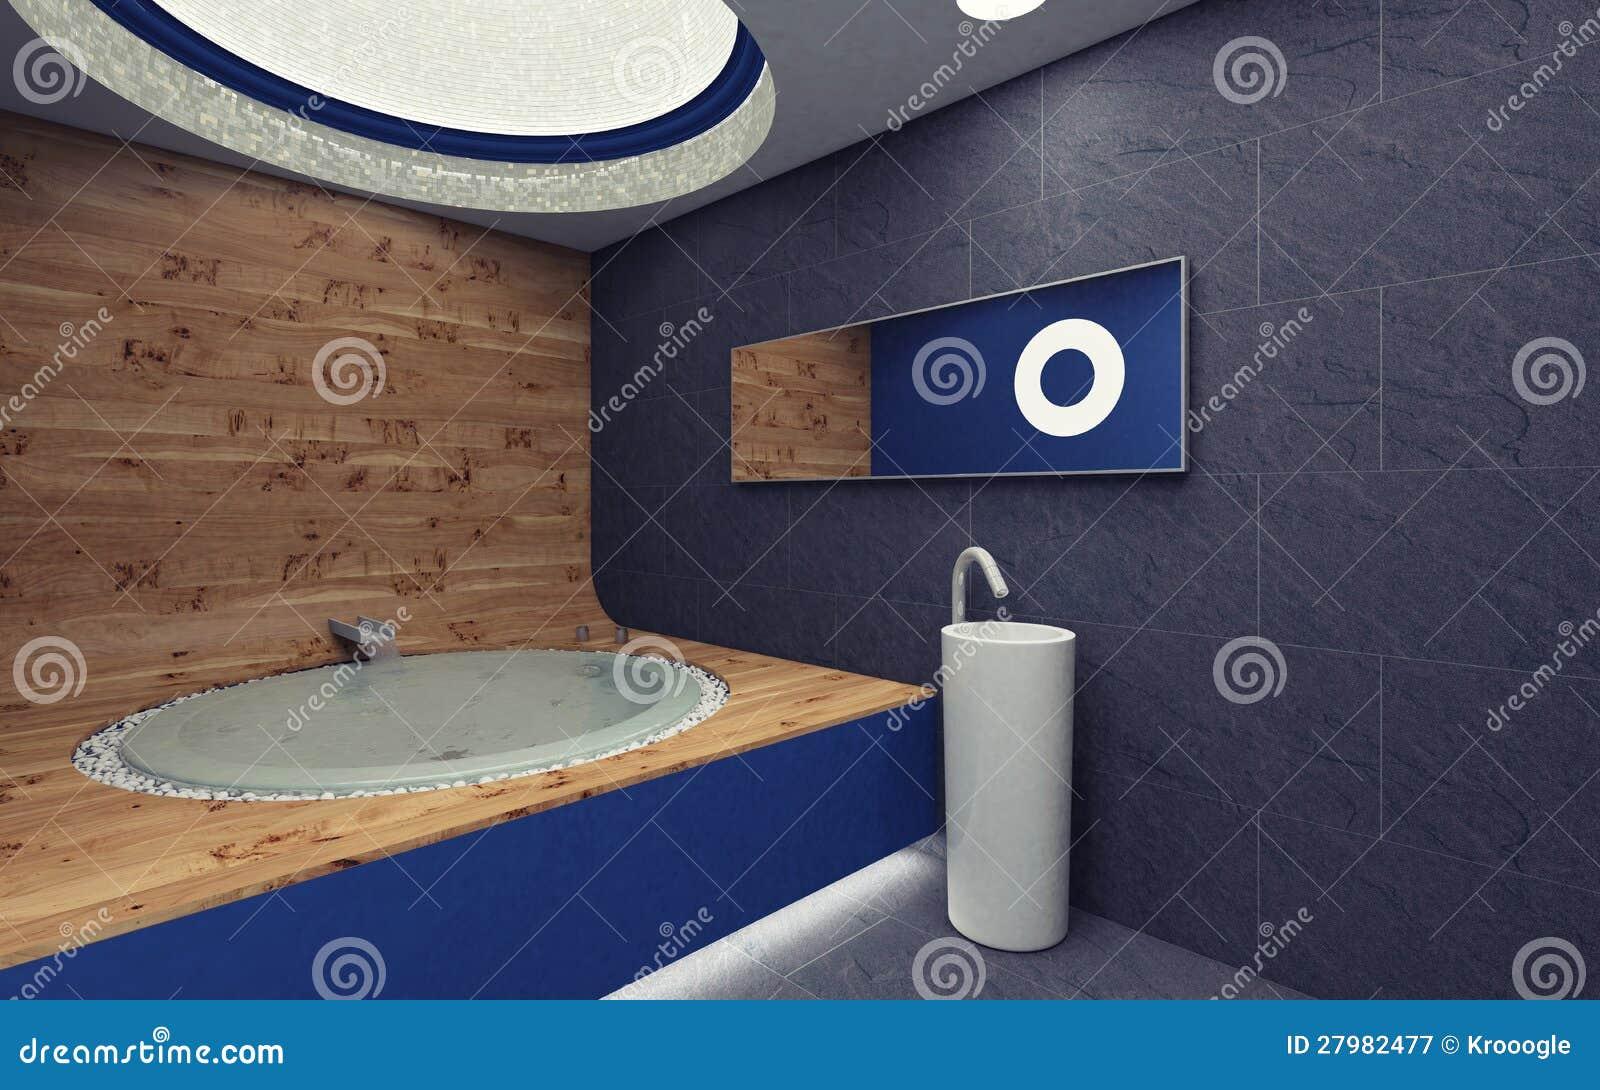 Banheiro Azul Fotografia de Stock Royalty Free Imagem: 27982477 #8D663E 1300x903 Banheiro Com Azul